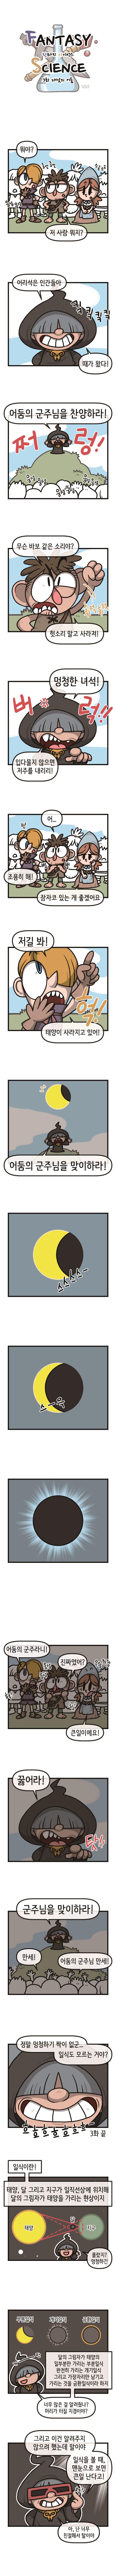 [판타지_사이언스]_3화_대낮의_어둠-웹툰-김진구-4주_금요일